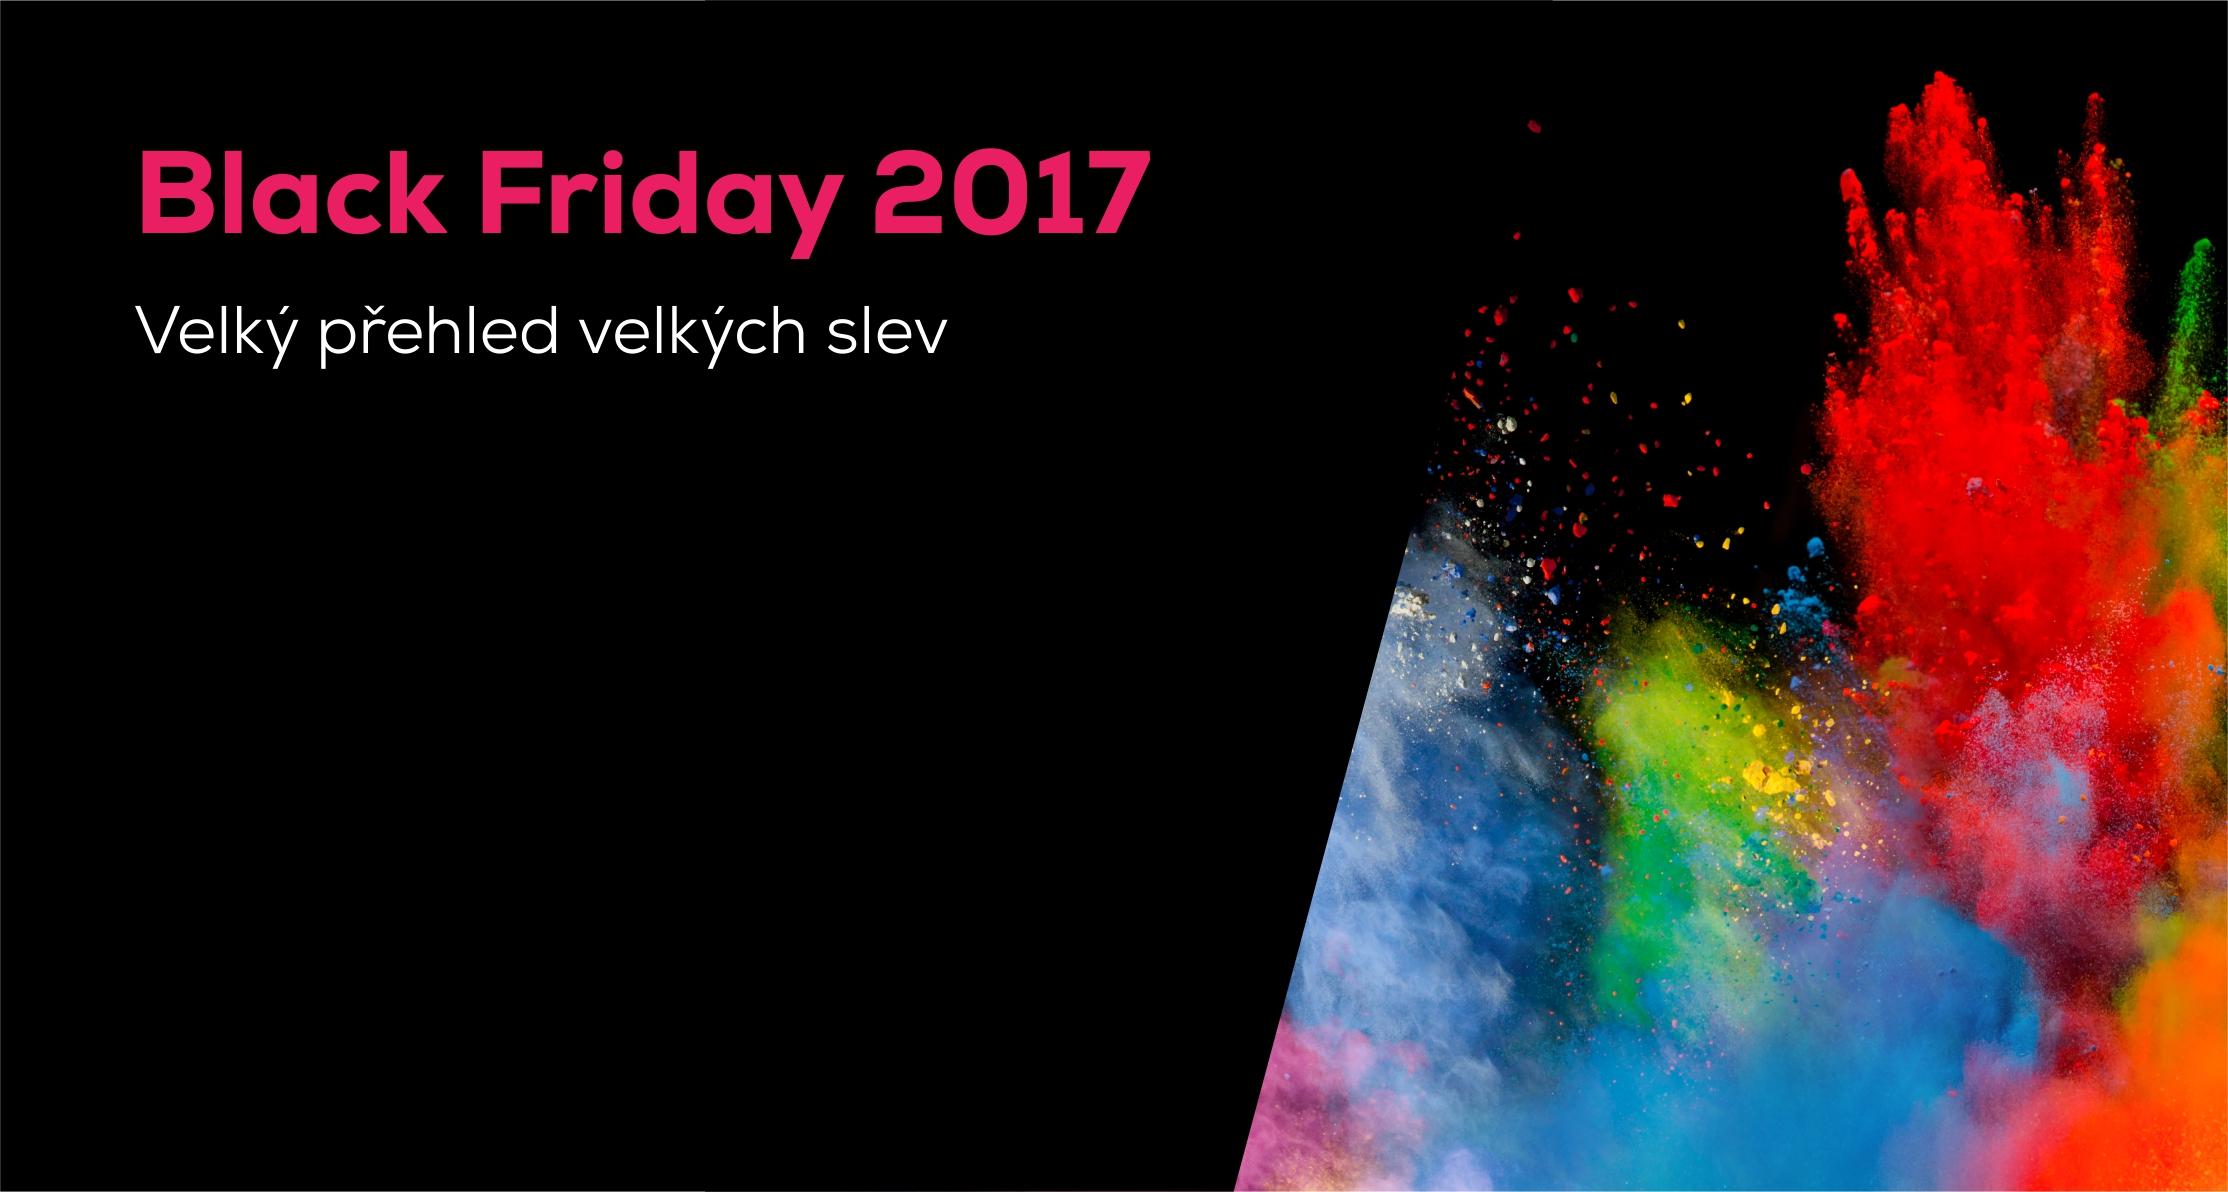 26a0fbbc44 Black Friday 2017: Velký přehled 85 obchodů a slev (PRŮBĚŽNĚ AKTUALIZUJEME)